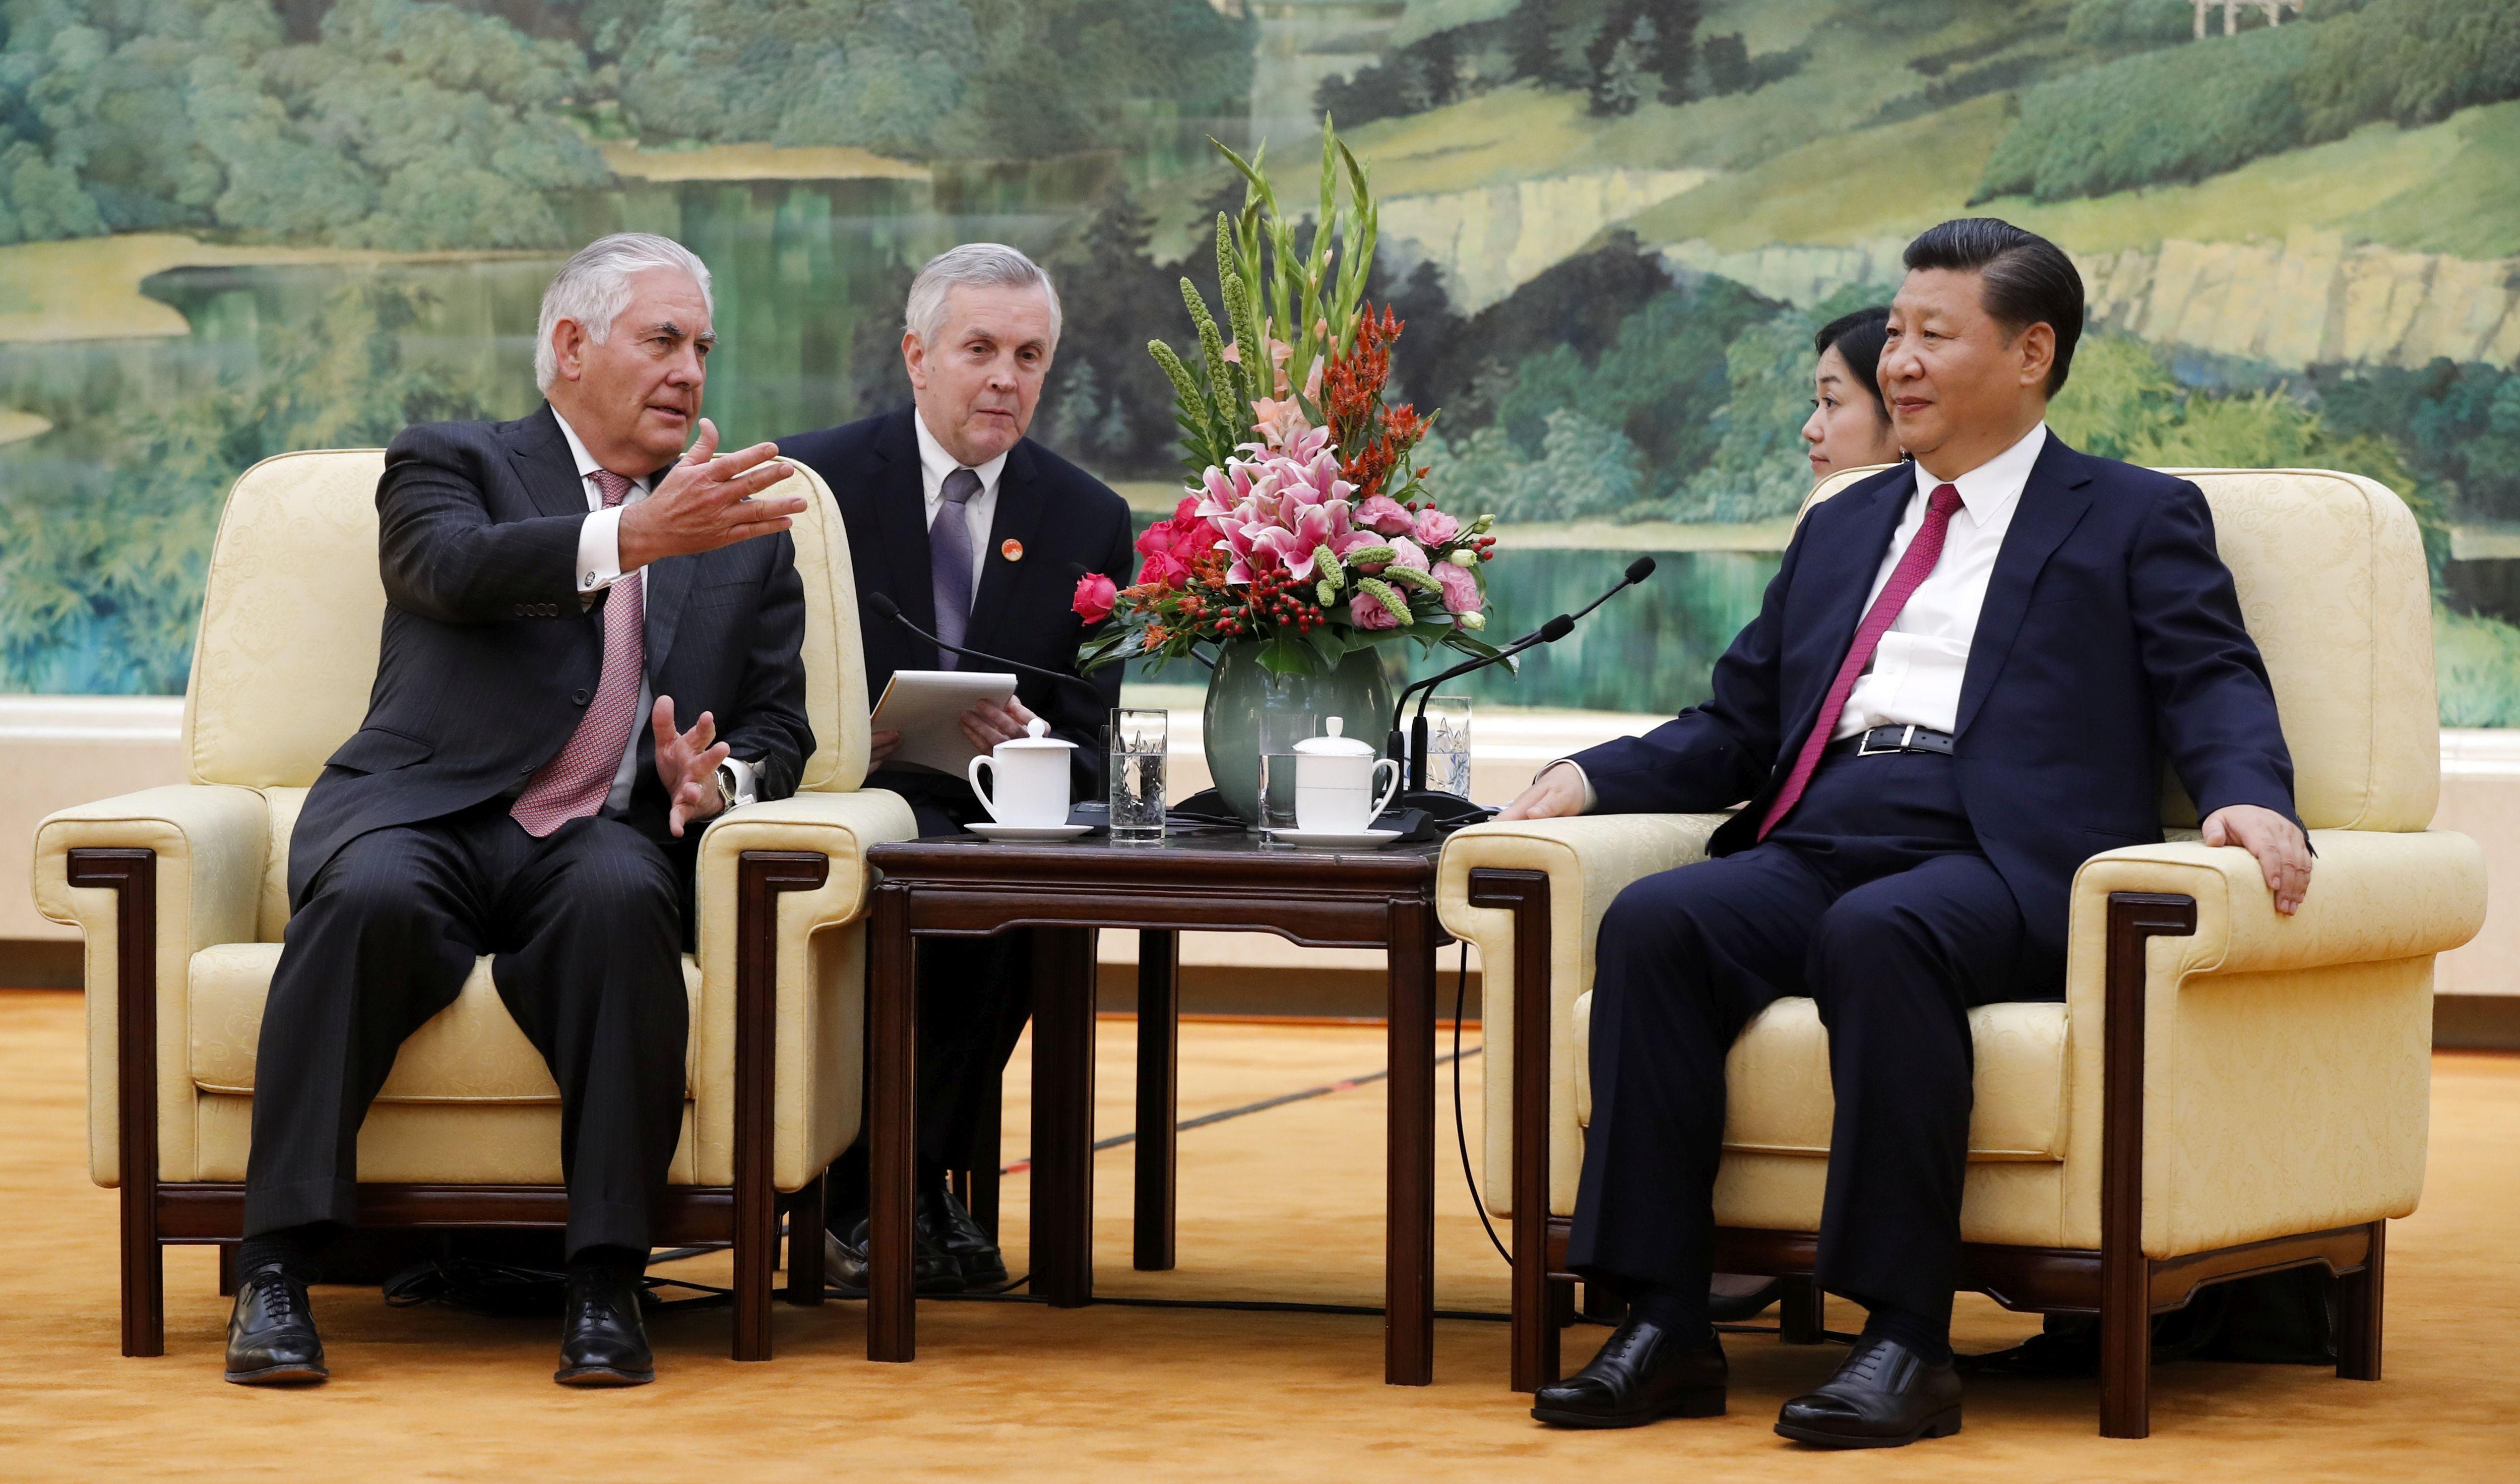 TILLERSON 'SAD ima kanale za komunikaciju sa Sjevernom Korejom'